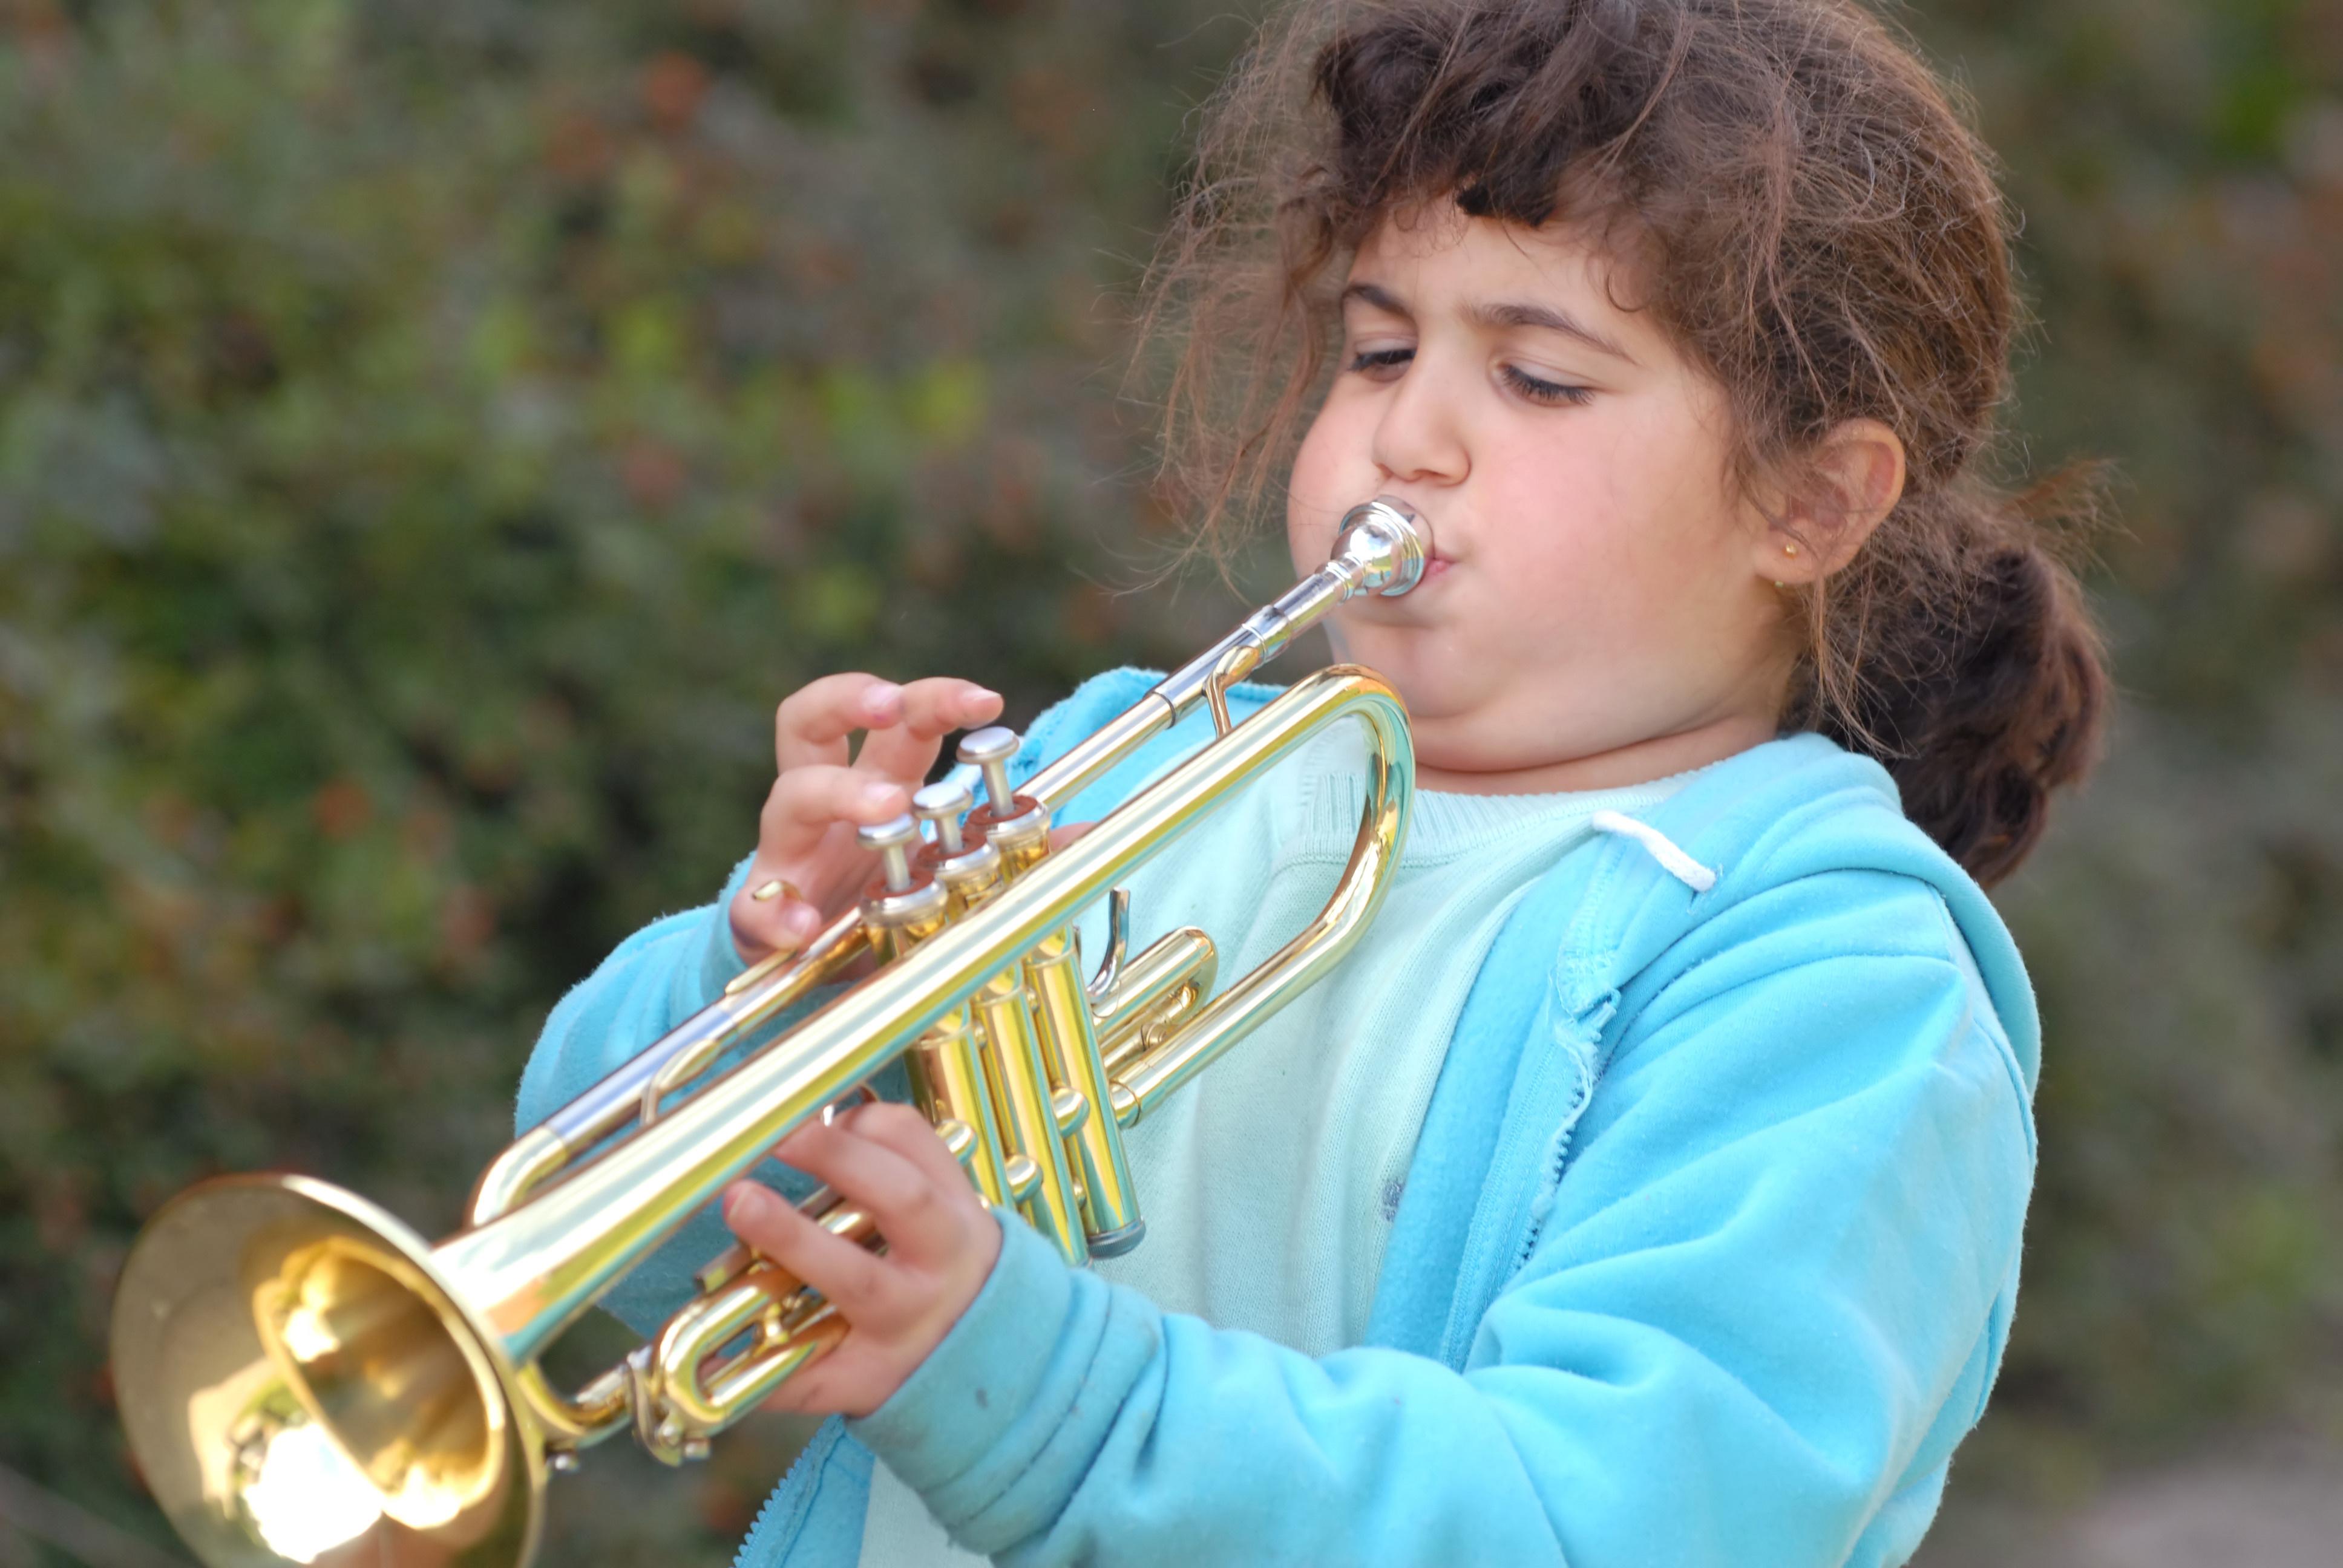 Игра на духовом инструменте поможет вылечить астму